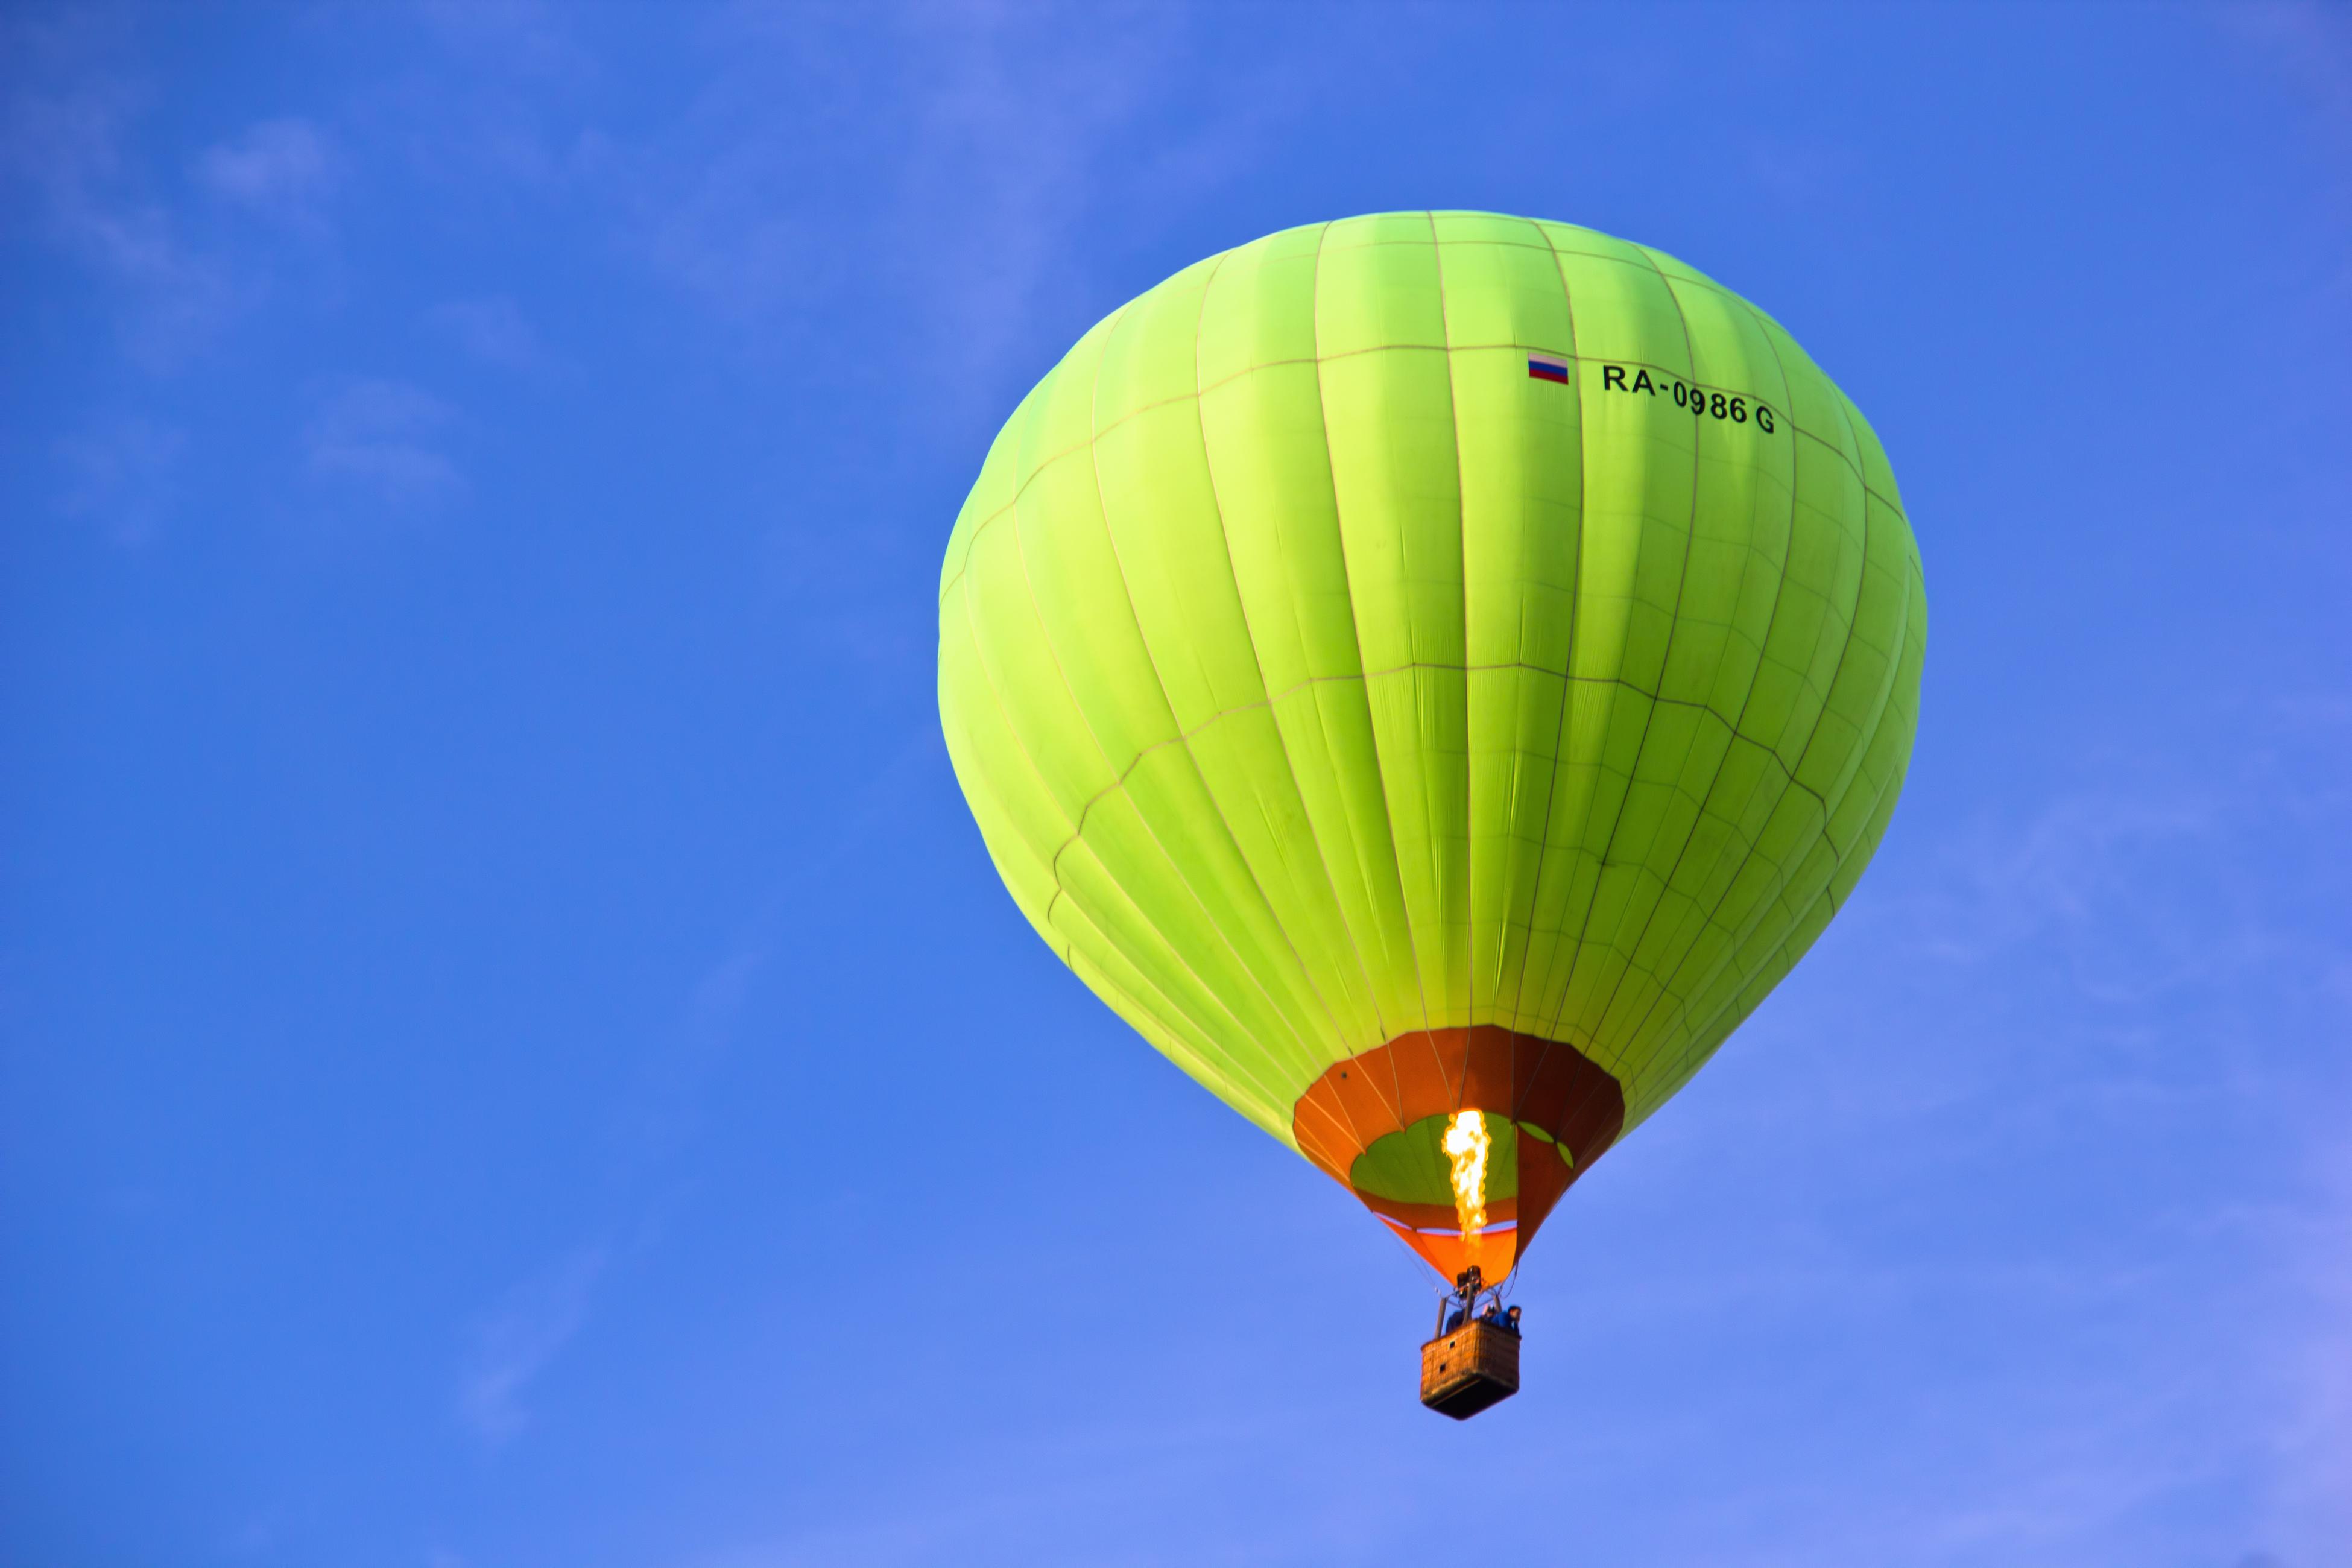 Hot-air balloon, Adventure, Hot, Tourism, Sport, HQ Photo